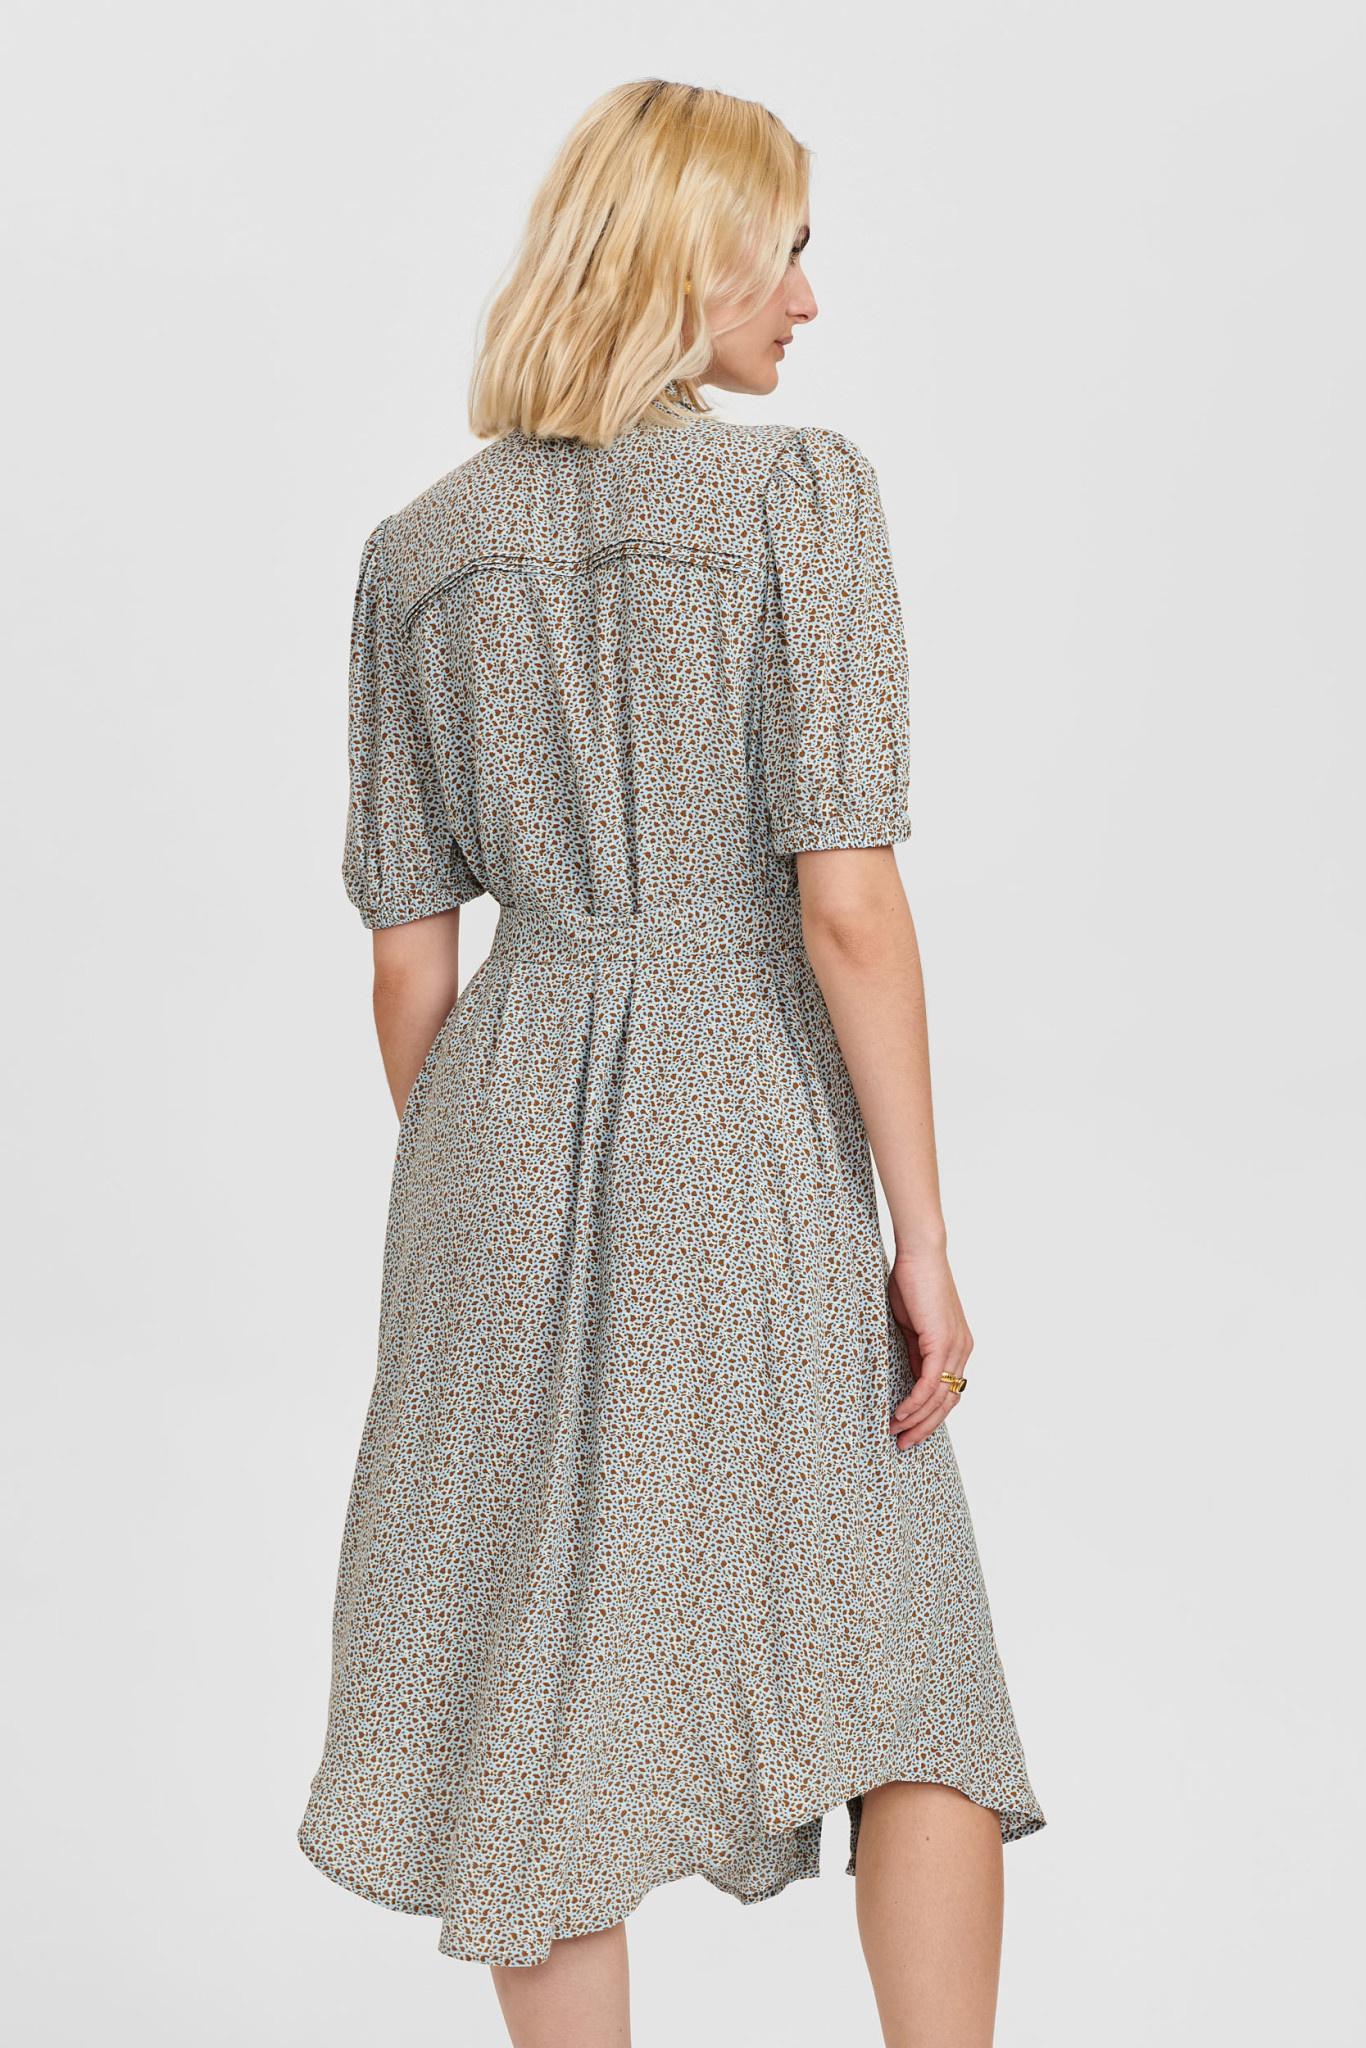 Nümph Cecelia Shirt Dress - Blauw